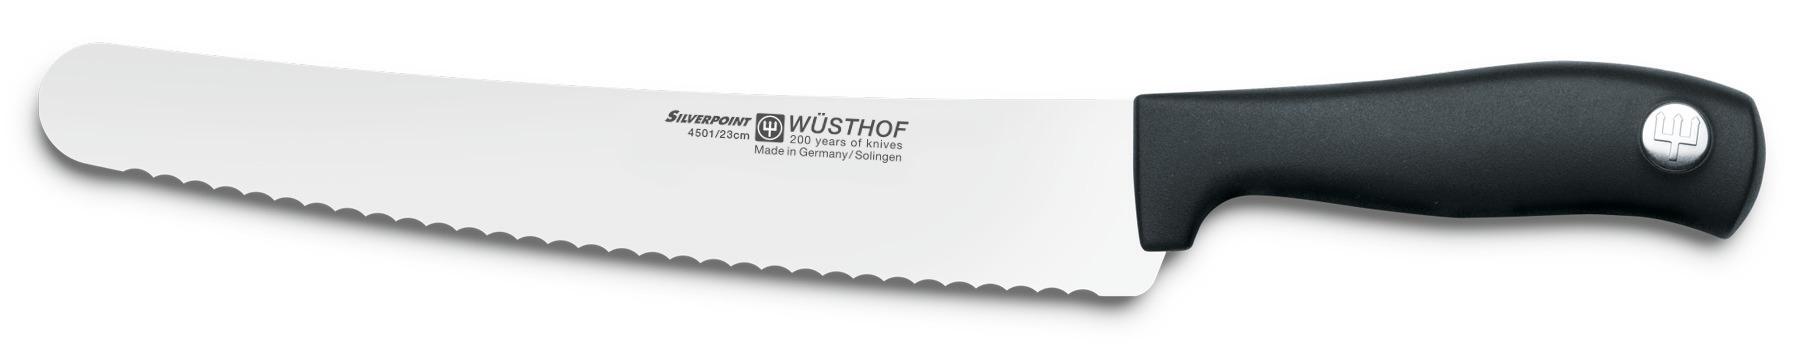 Konditormesser Klingenlänge 230 mm / 367 mm lang